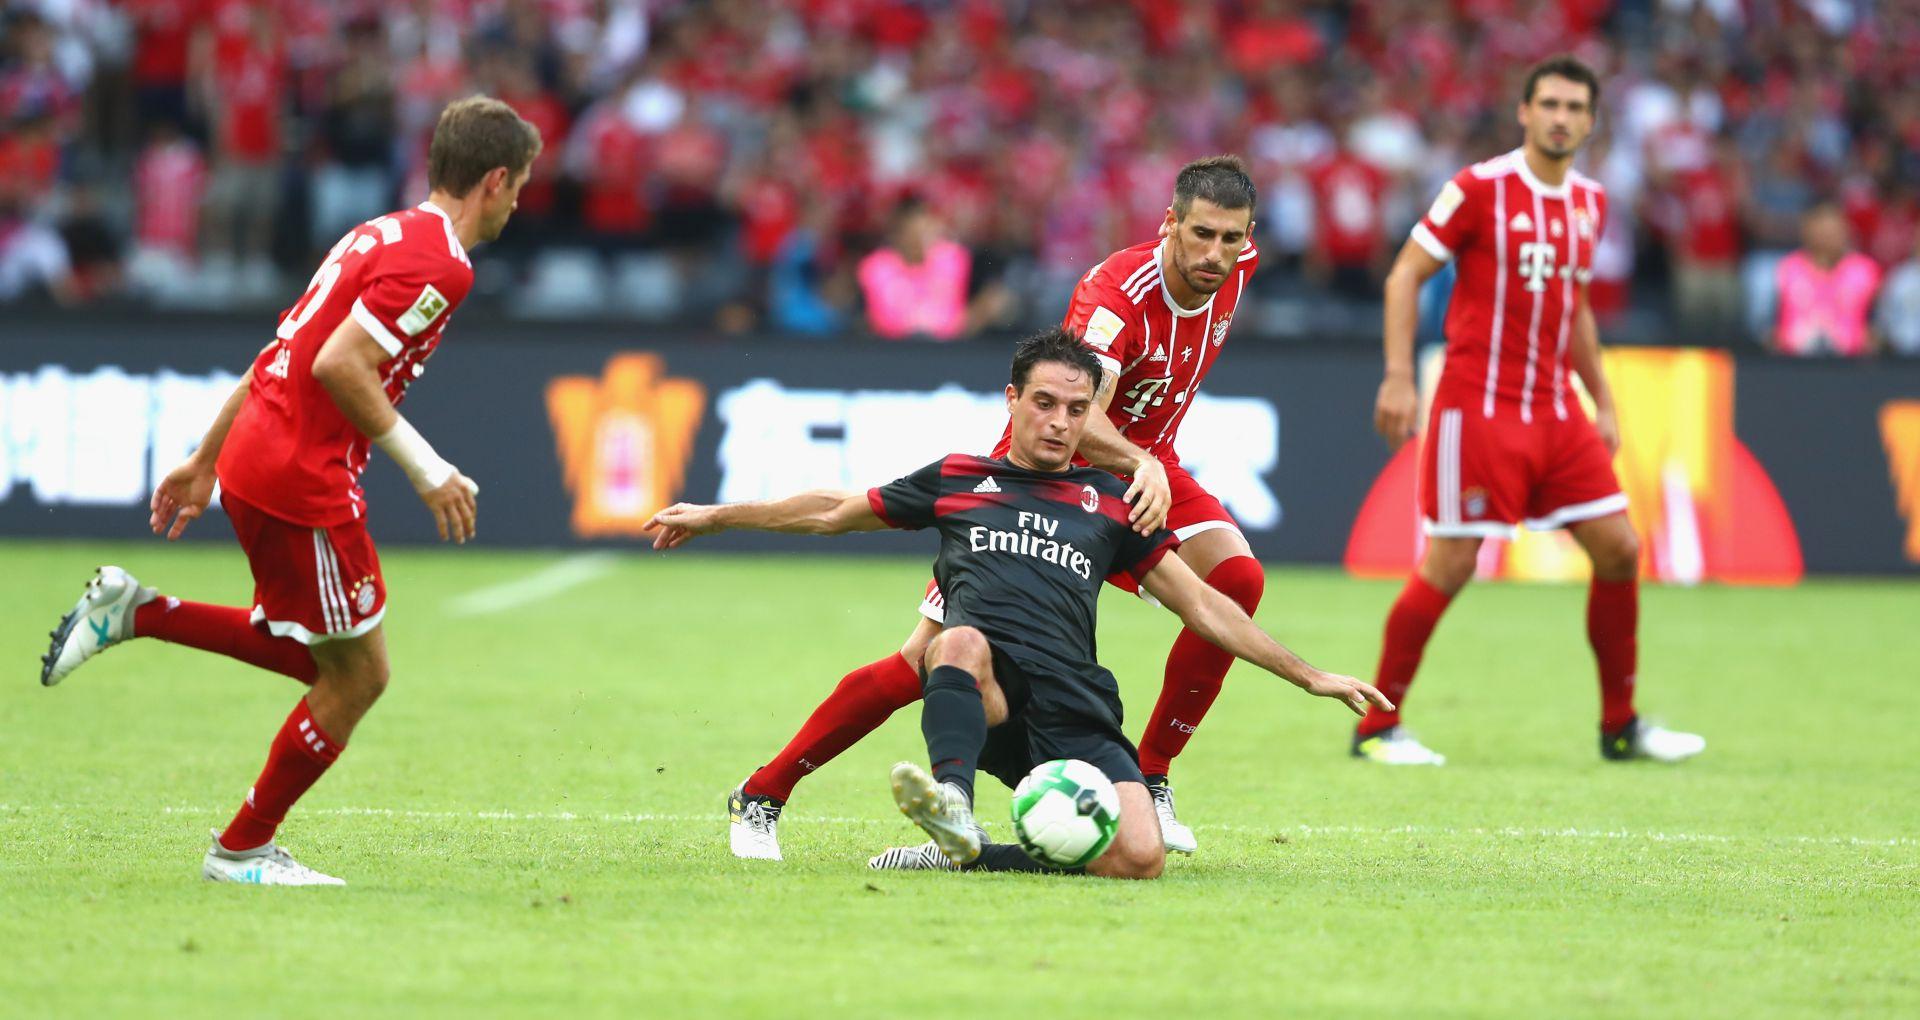 4-0 al Bayern y buena actuación de Musacchio